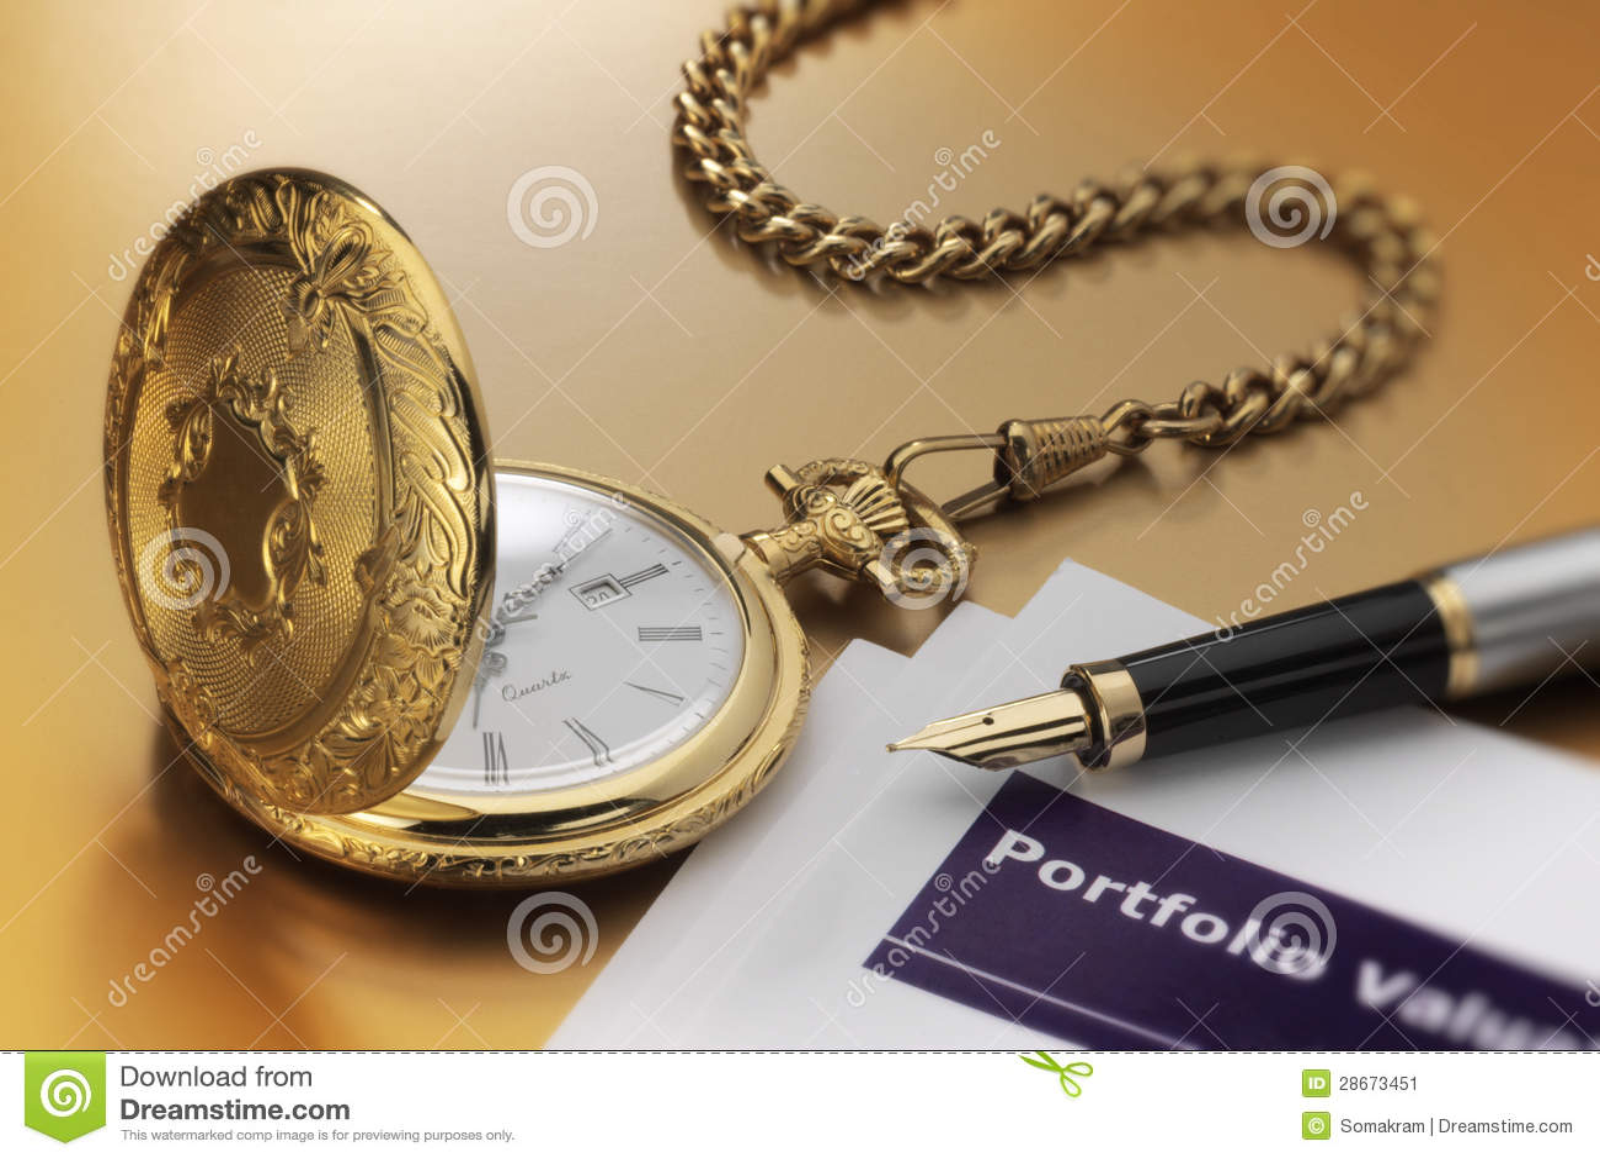 Kieszeniowy zegarek i pióro